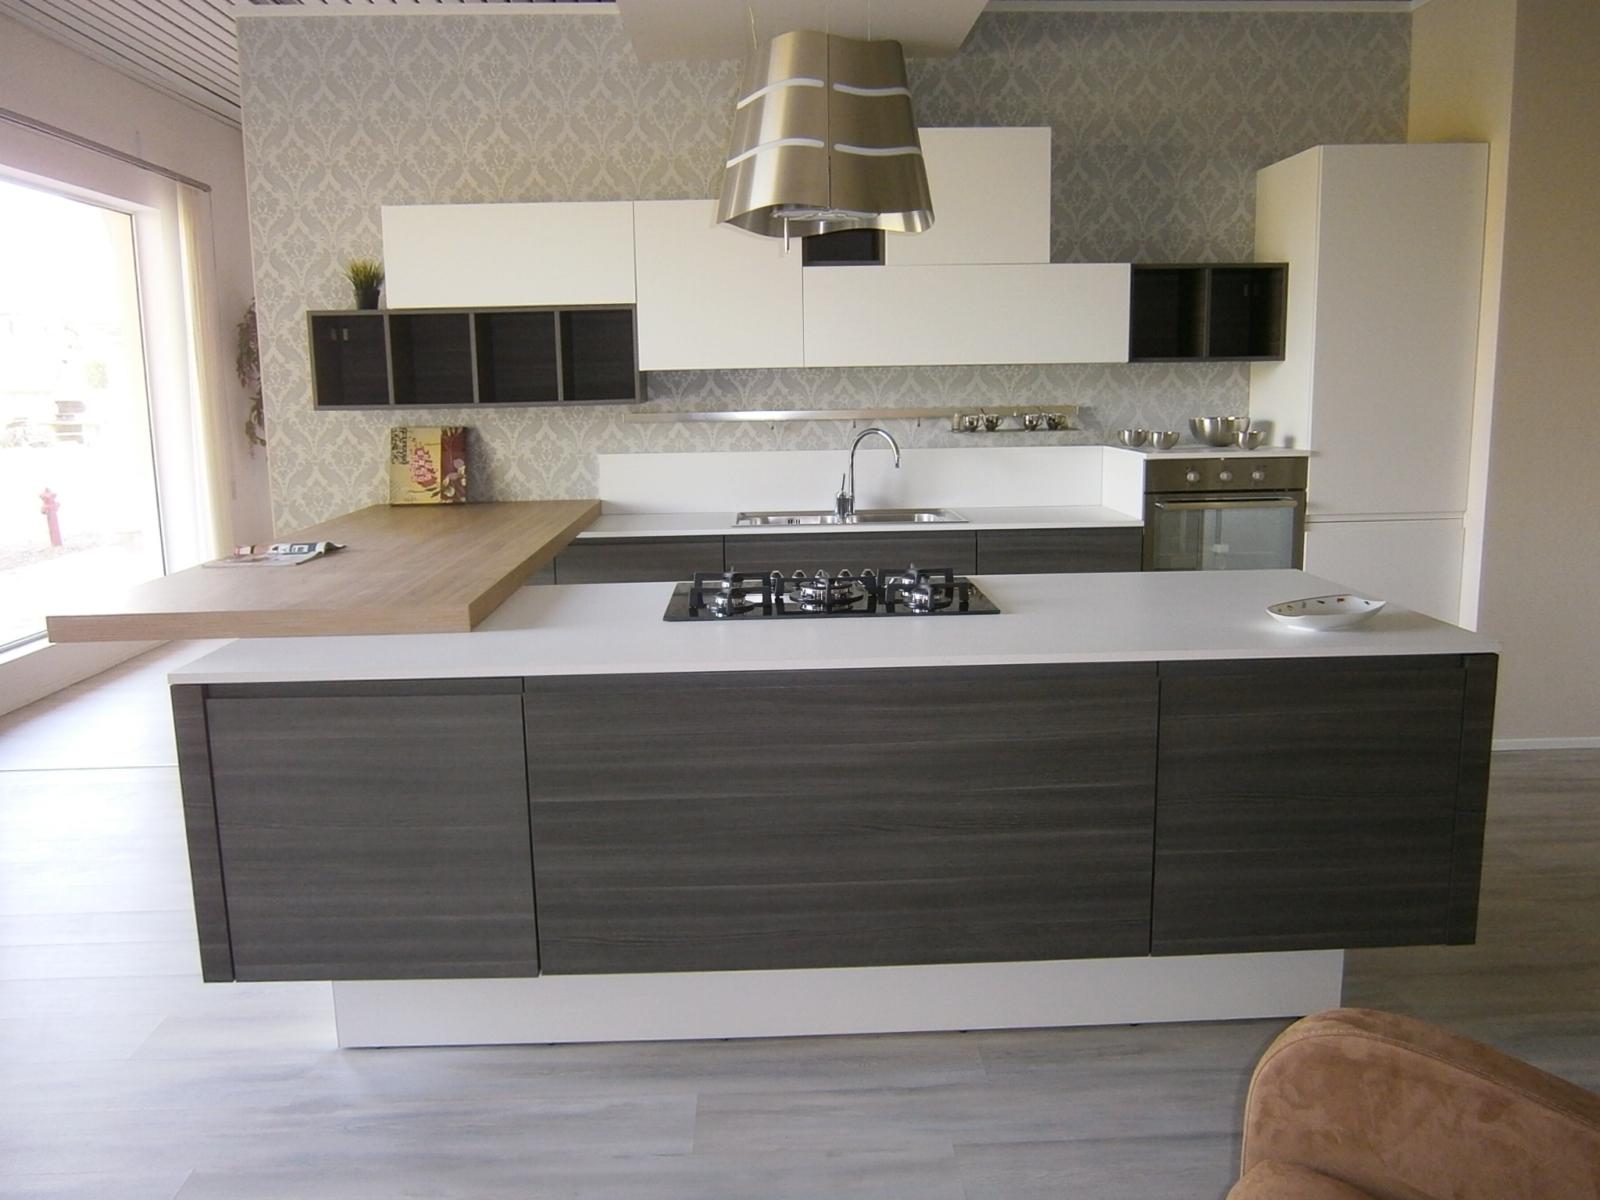 Gallery of cucina arrex arcobaleno scontato del with - Cappellini cucine prezzi ...